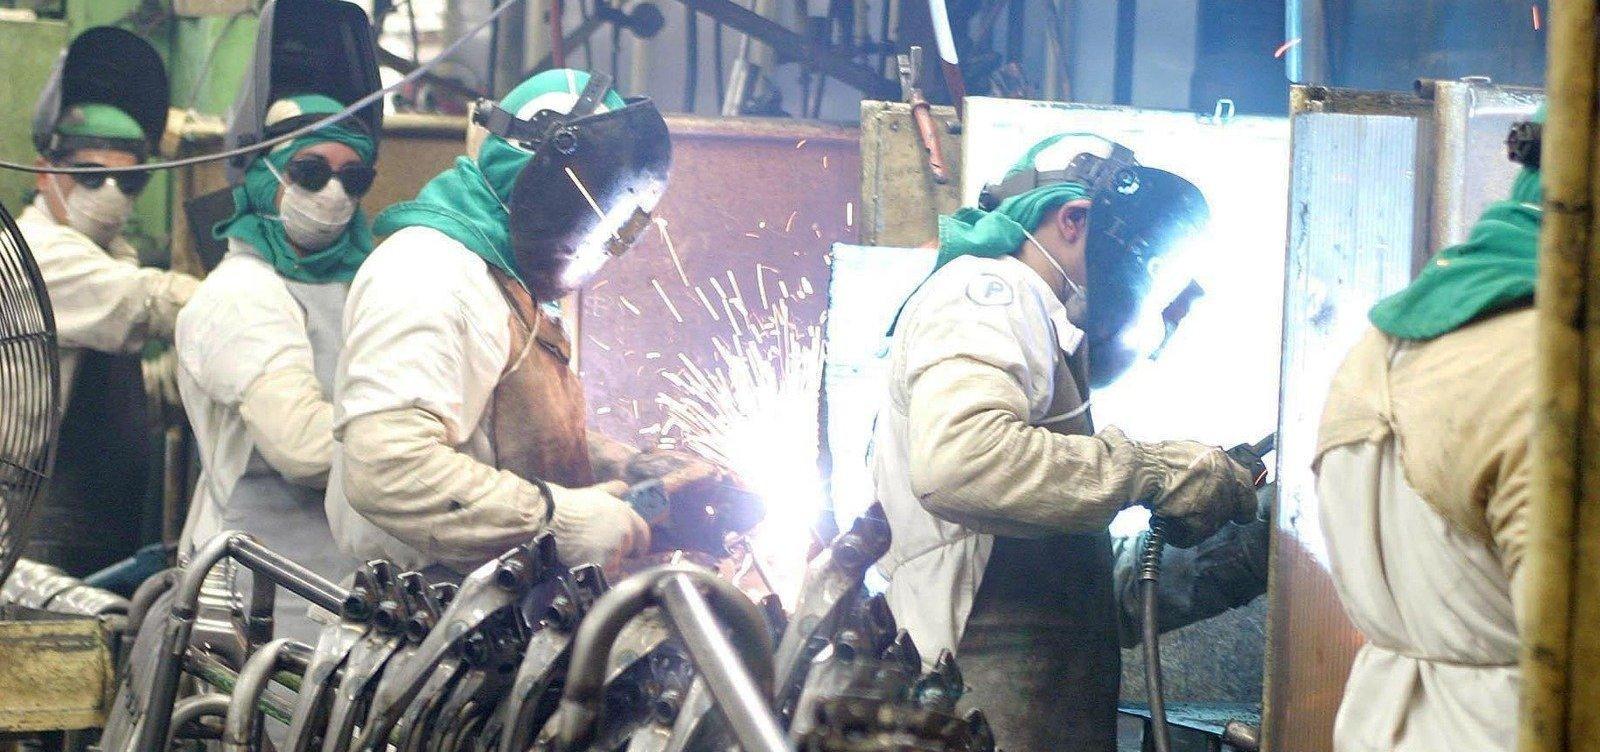 Produção industrial tem queda de 0,3% em agosto, segundo IBGE